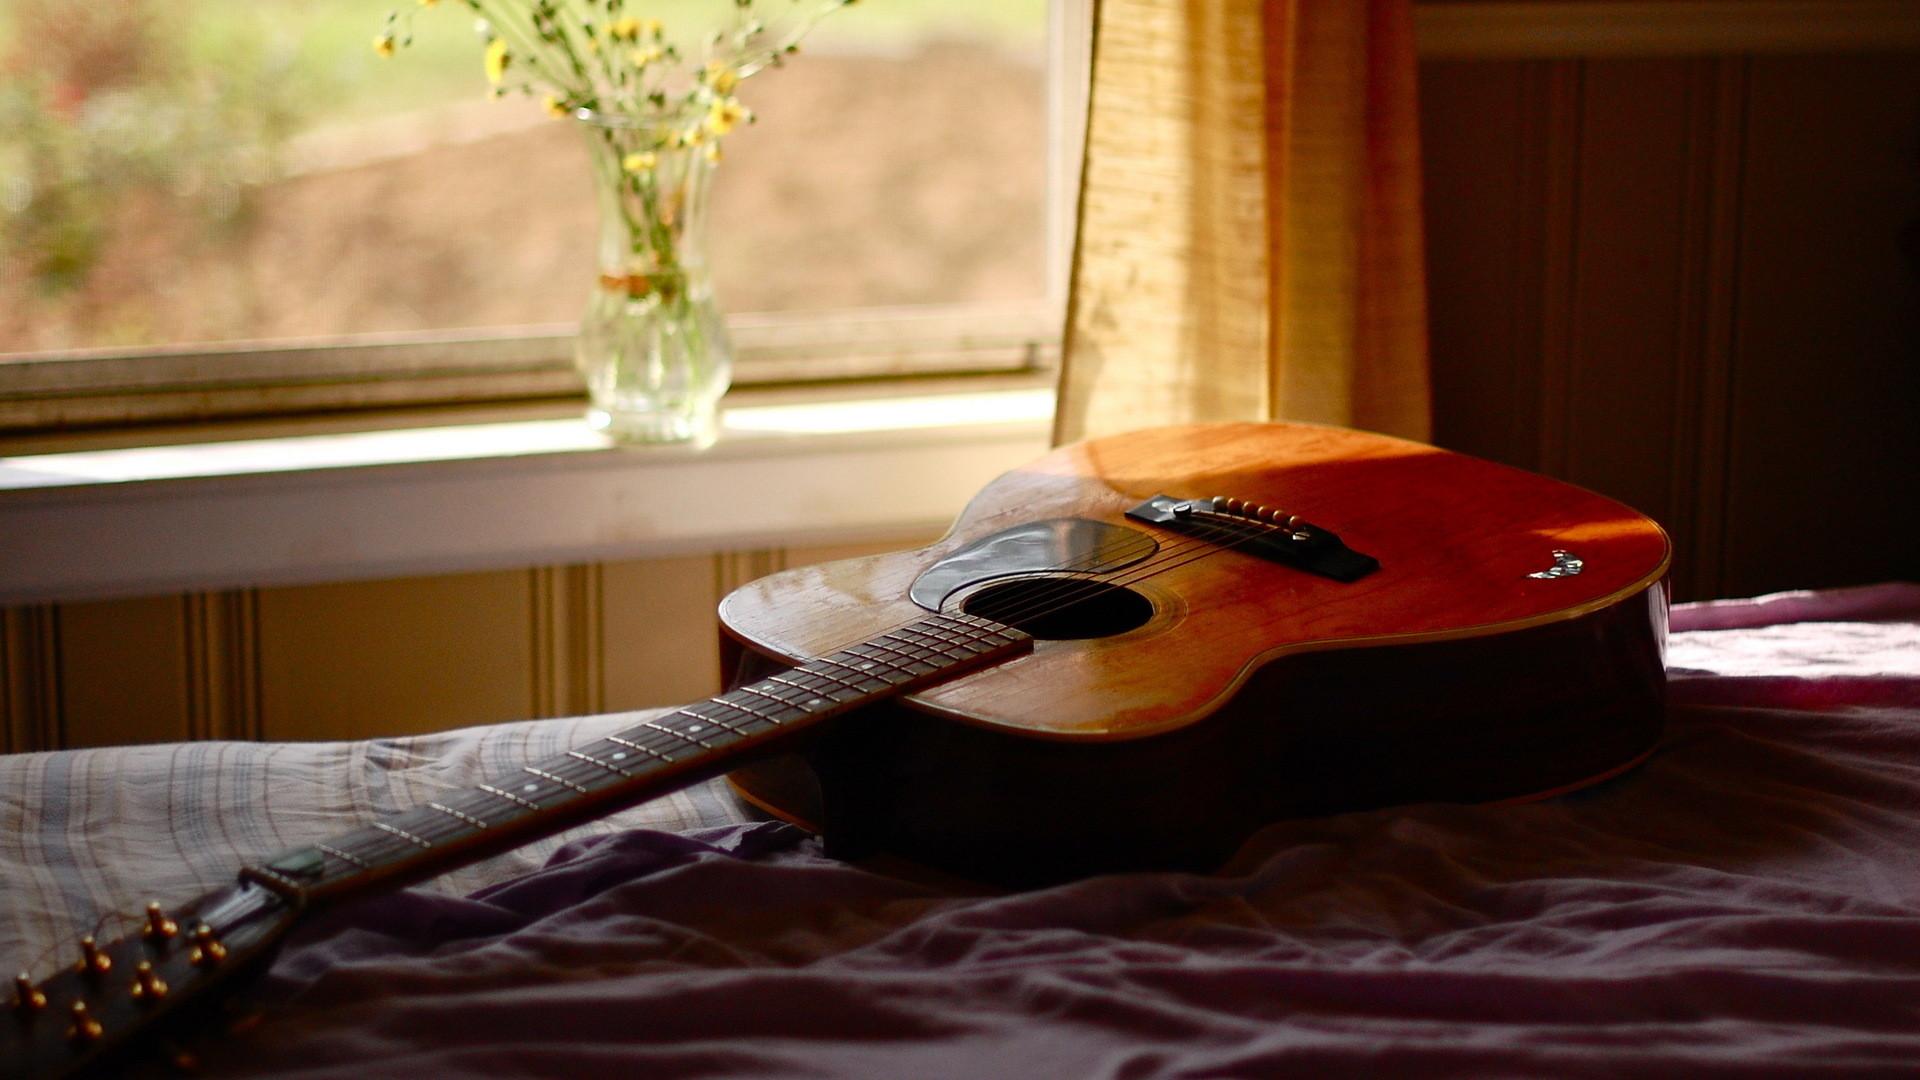 Guitarra Acústica - Fondo de pantalla